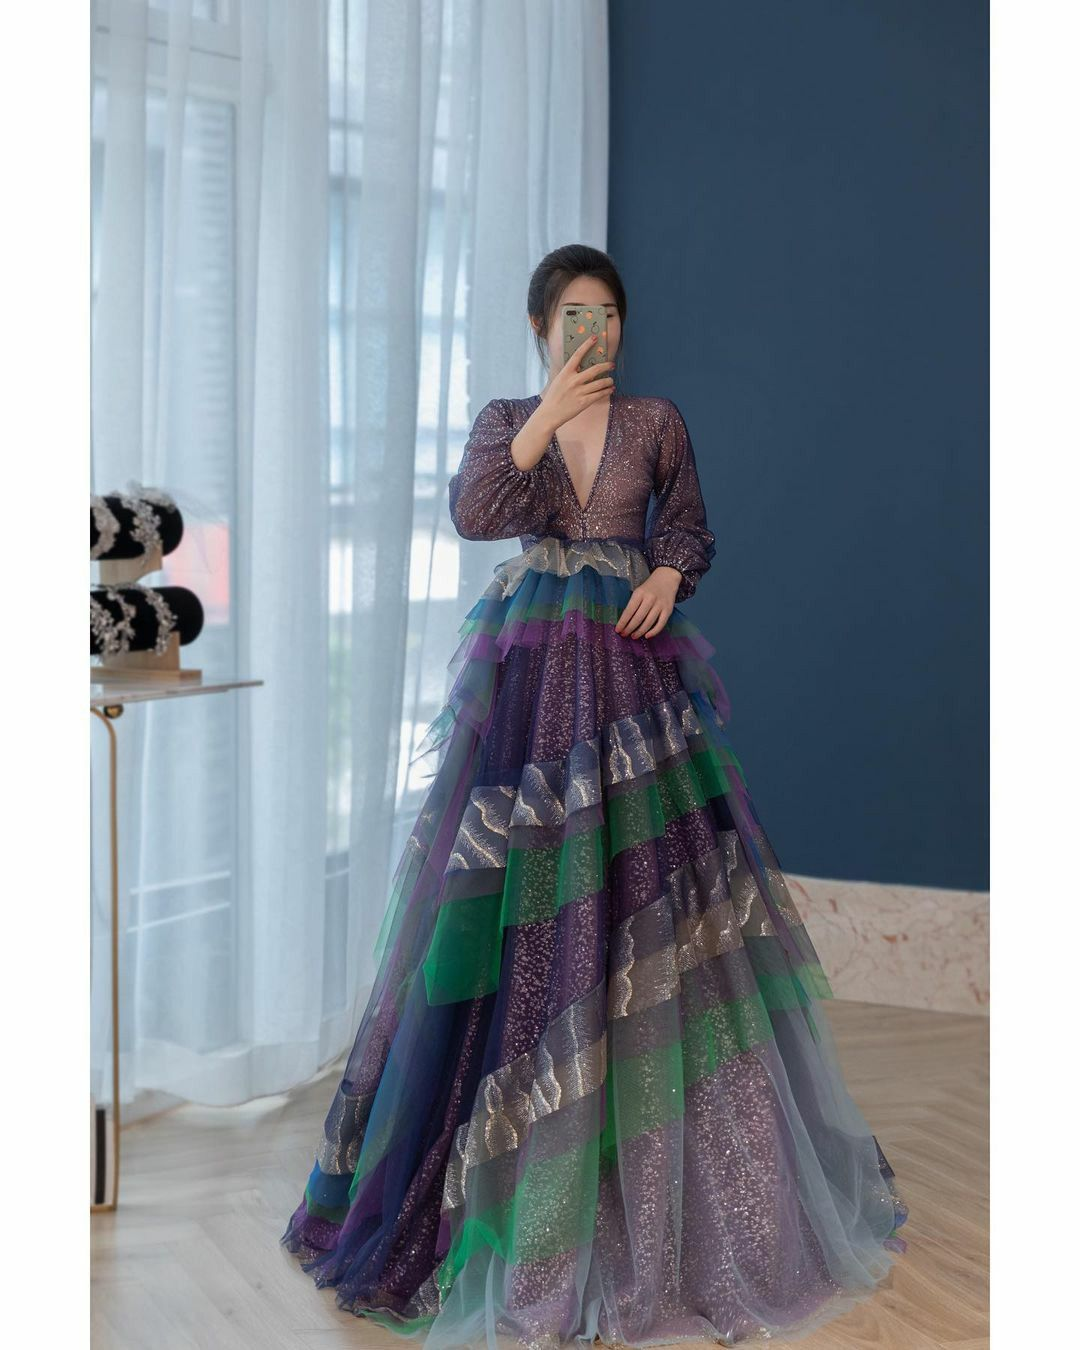 Pin by Matteo Balsano on Princeznovské šaty in 18   Nice dresses ...